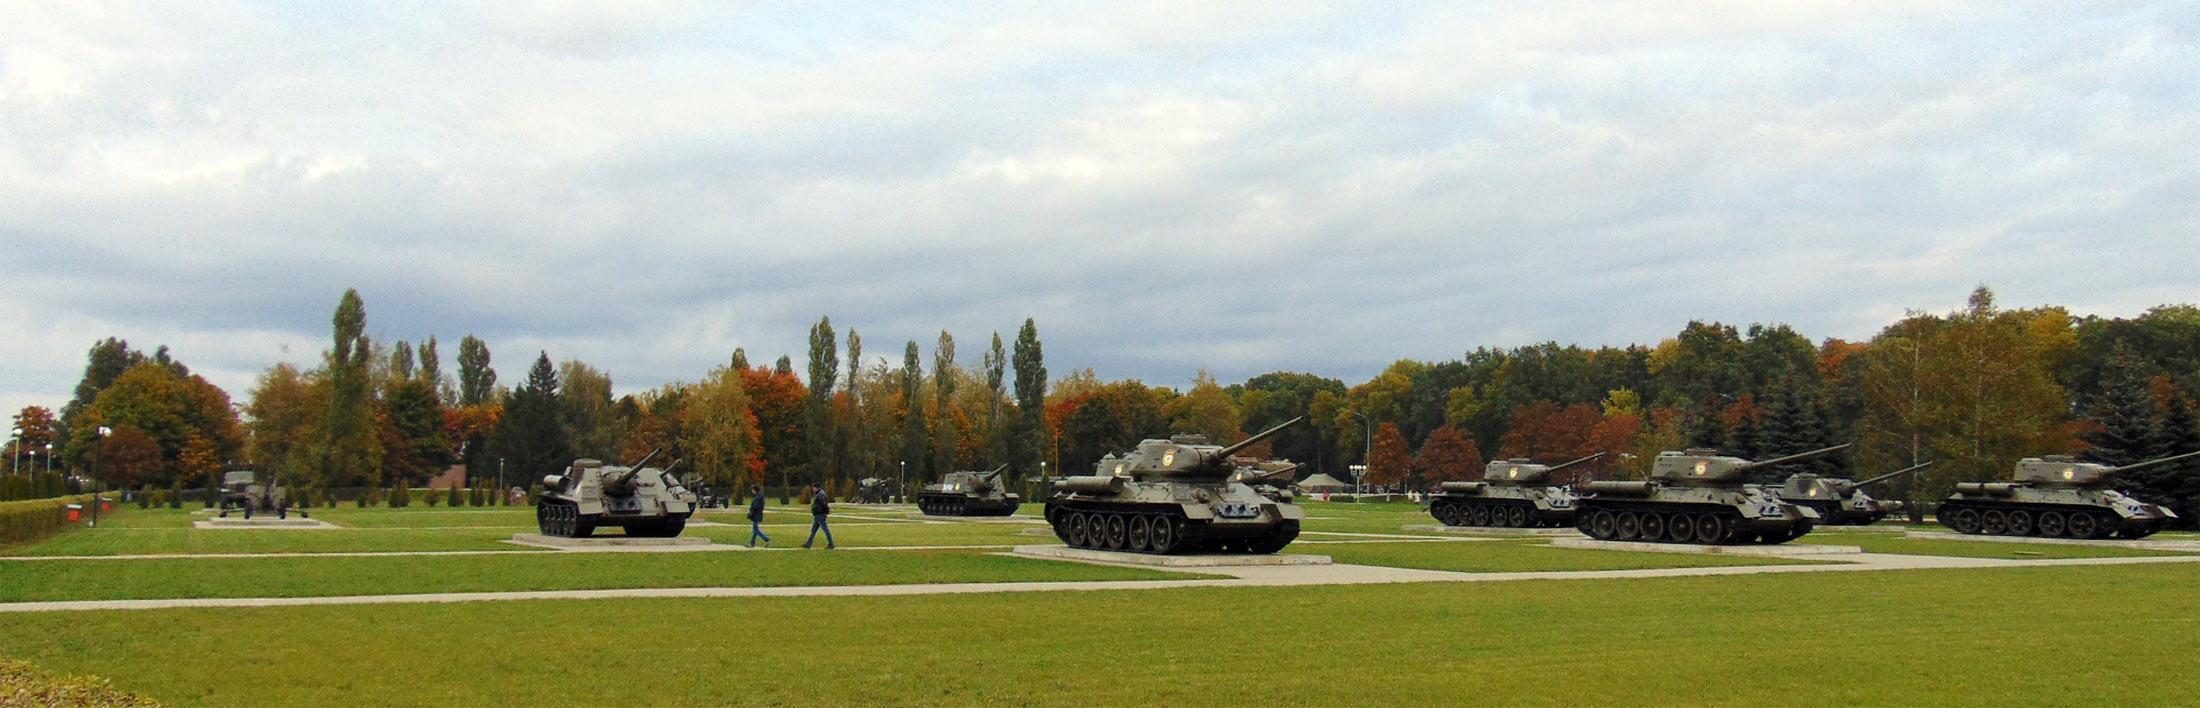 Prokhorovka battlefield tanks